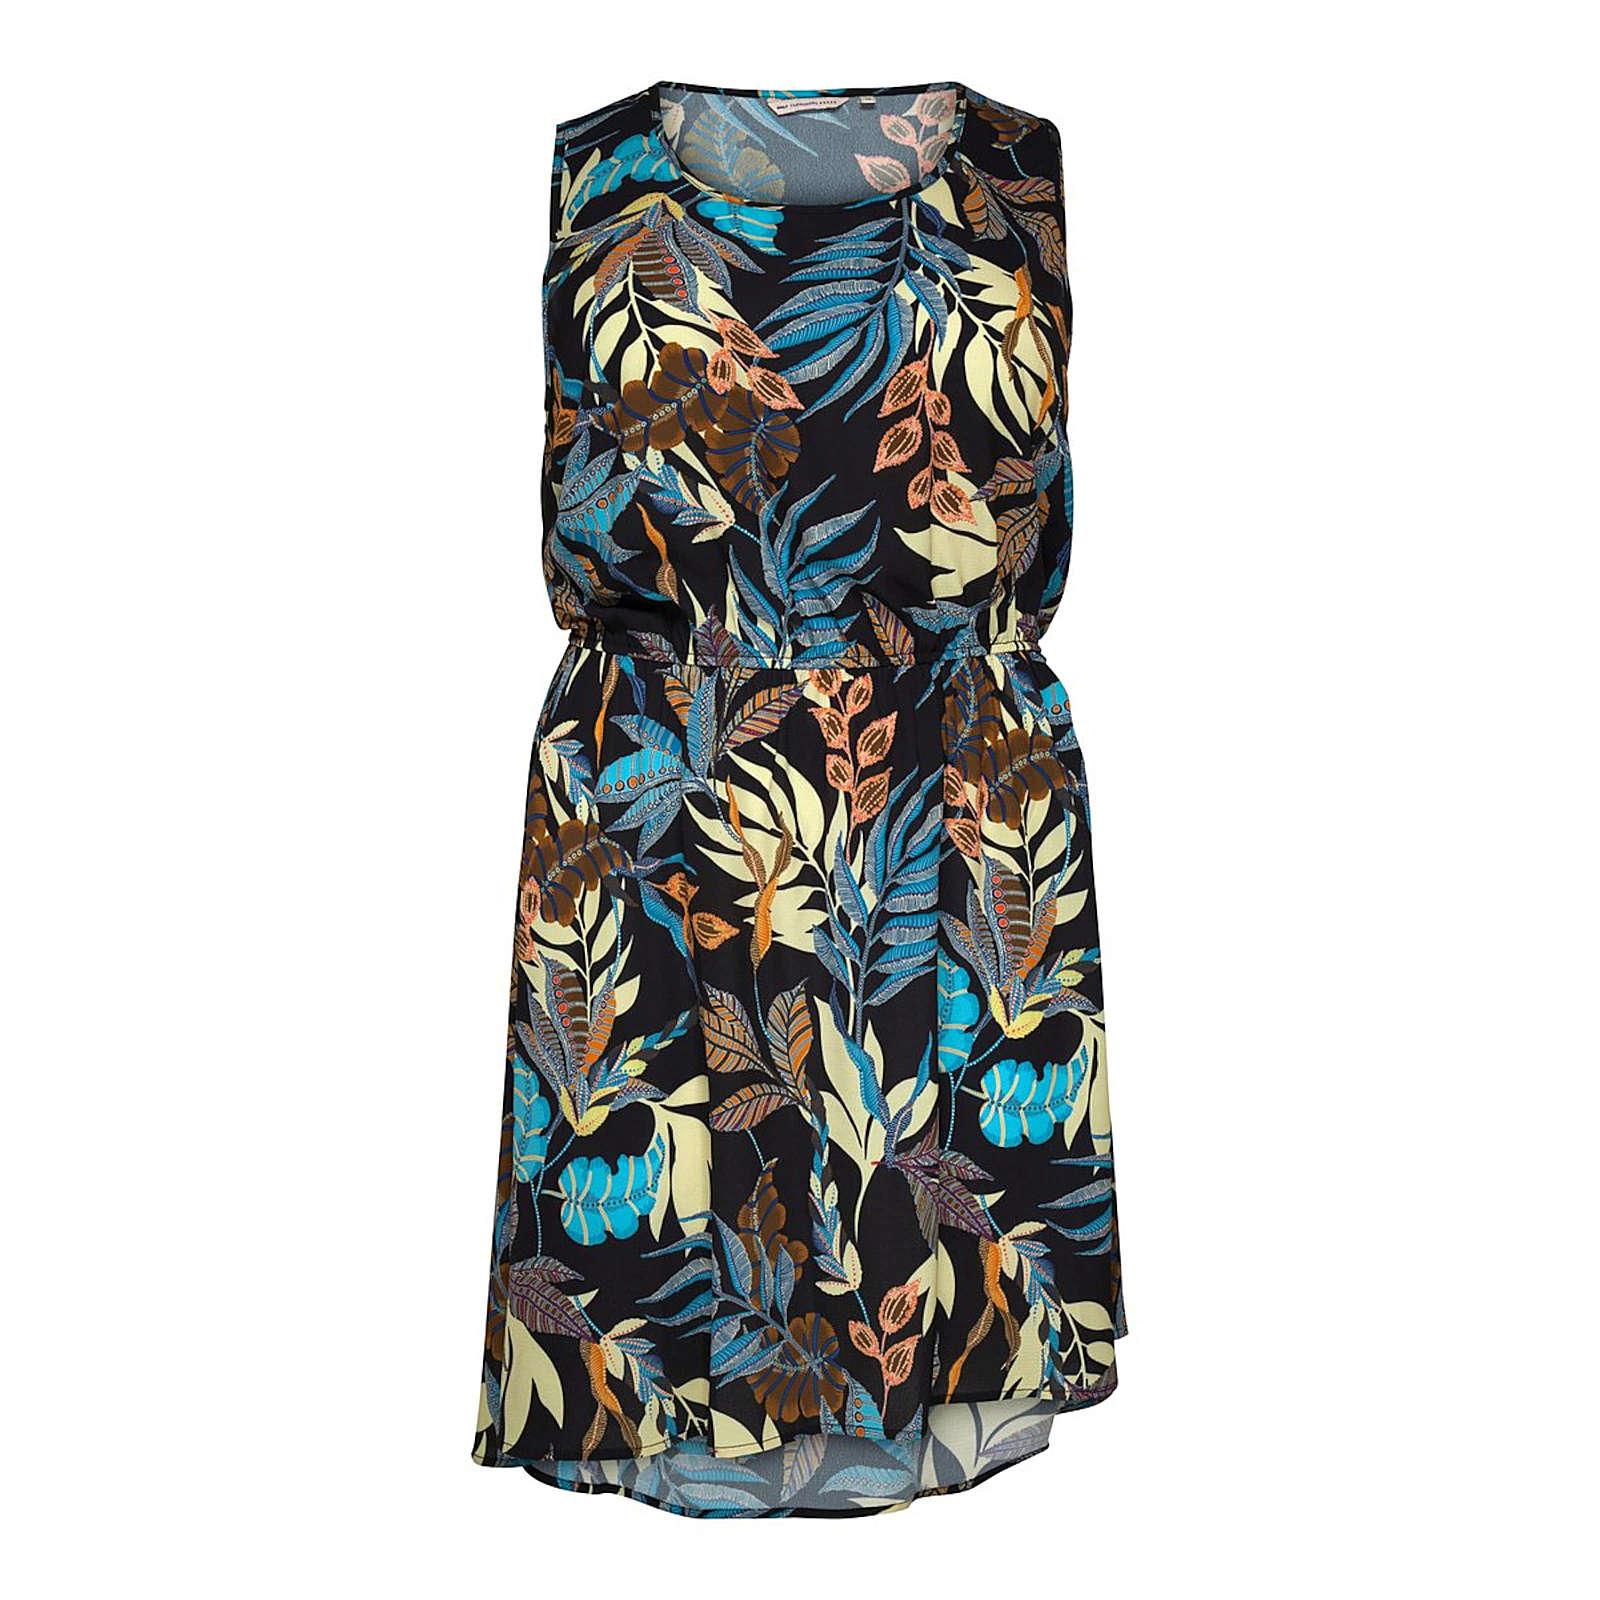 ONLY Carmakoma Sommerkleid Sommerkleider schwarz Damen Gr. 46